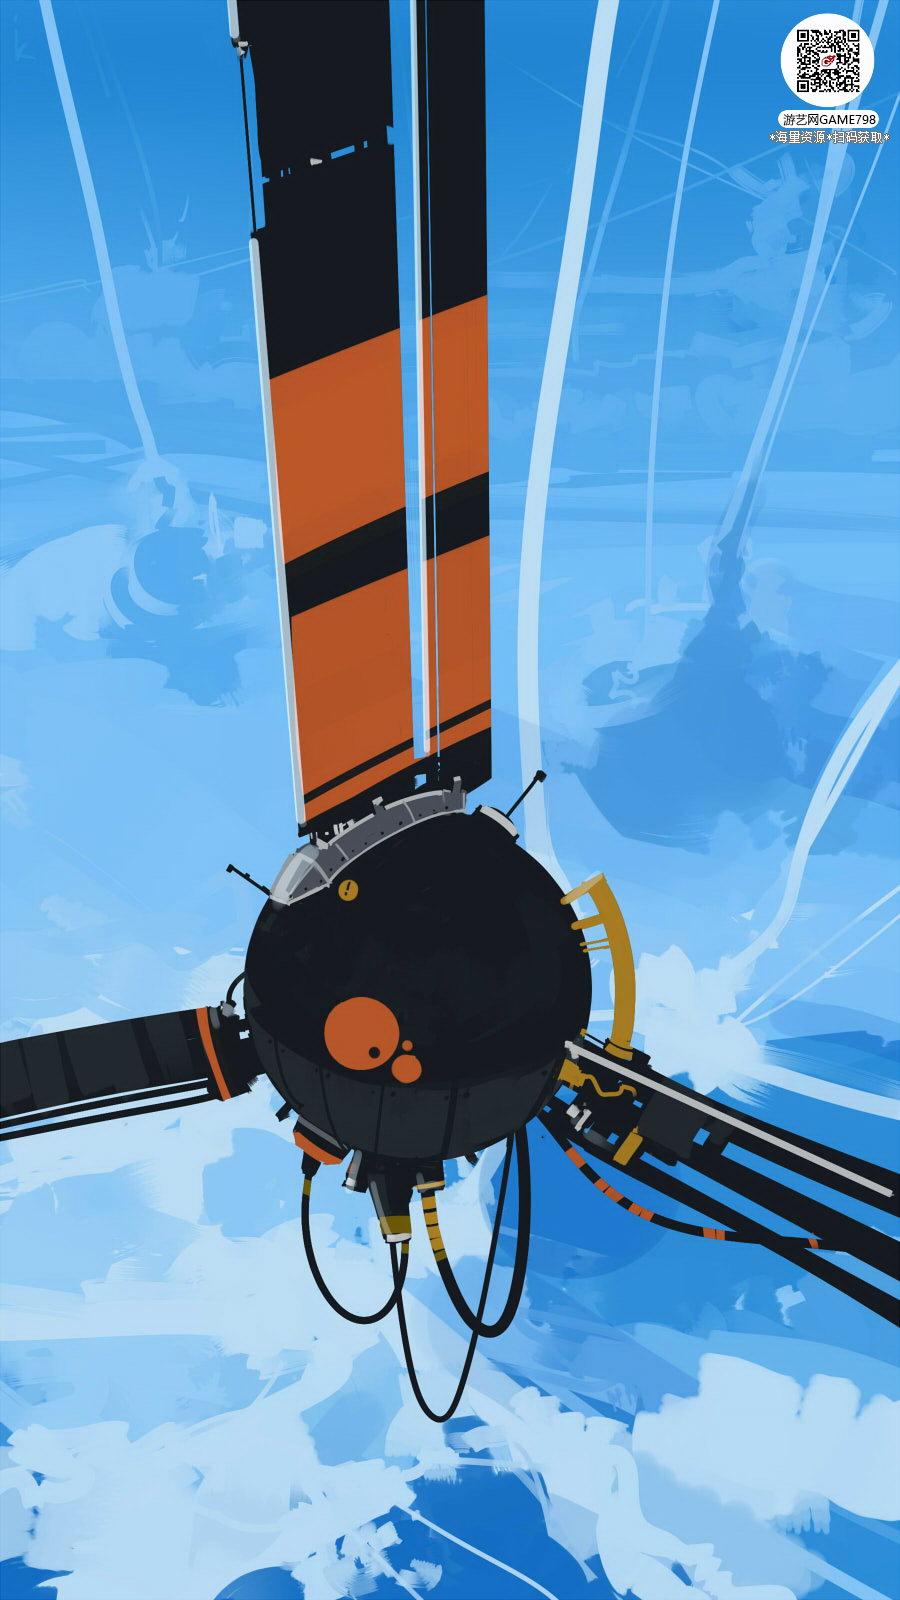 041_关注游艺网公众号获海量资源_风格独特的原画概念设定Q版卡通风格异世界科幻风格设计.jpg